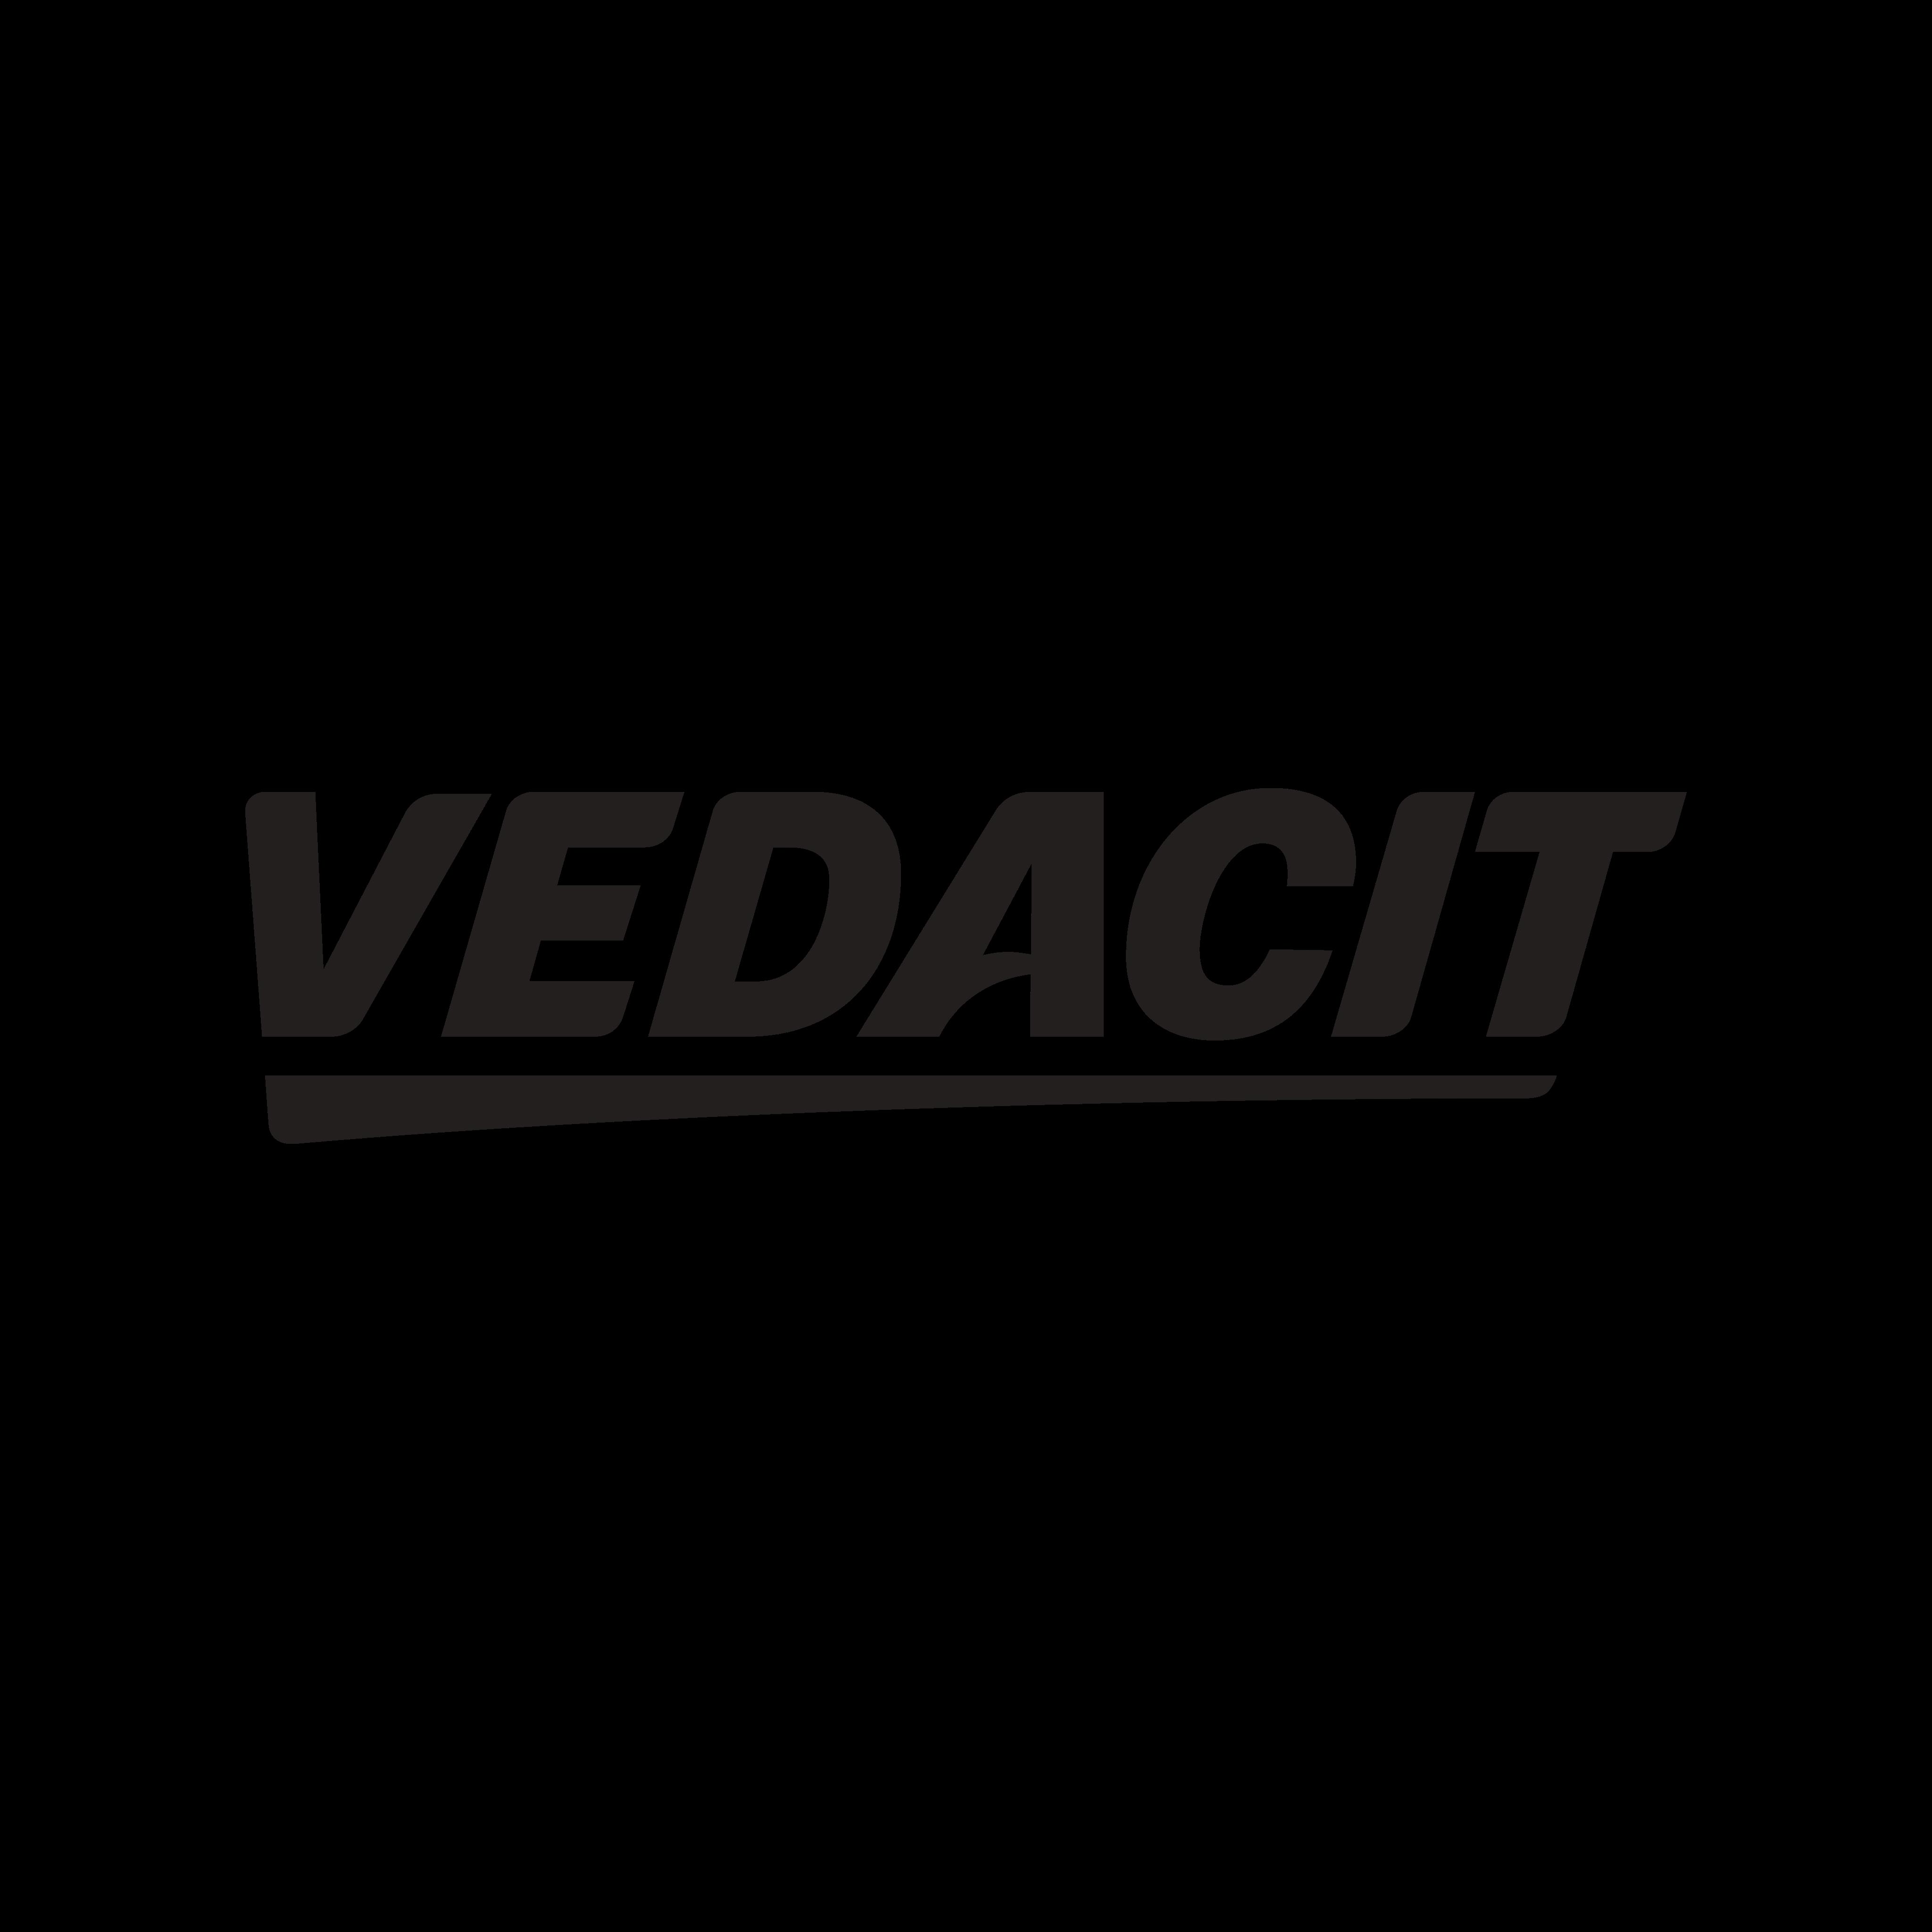 vedacit logo 0 - Vedacit Logo